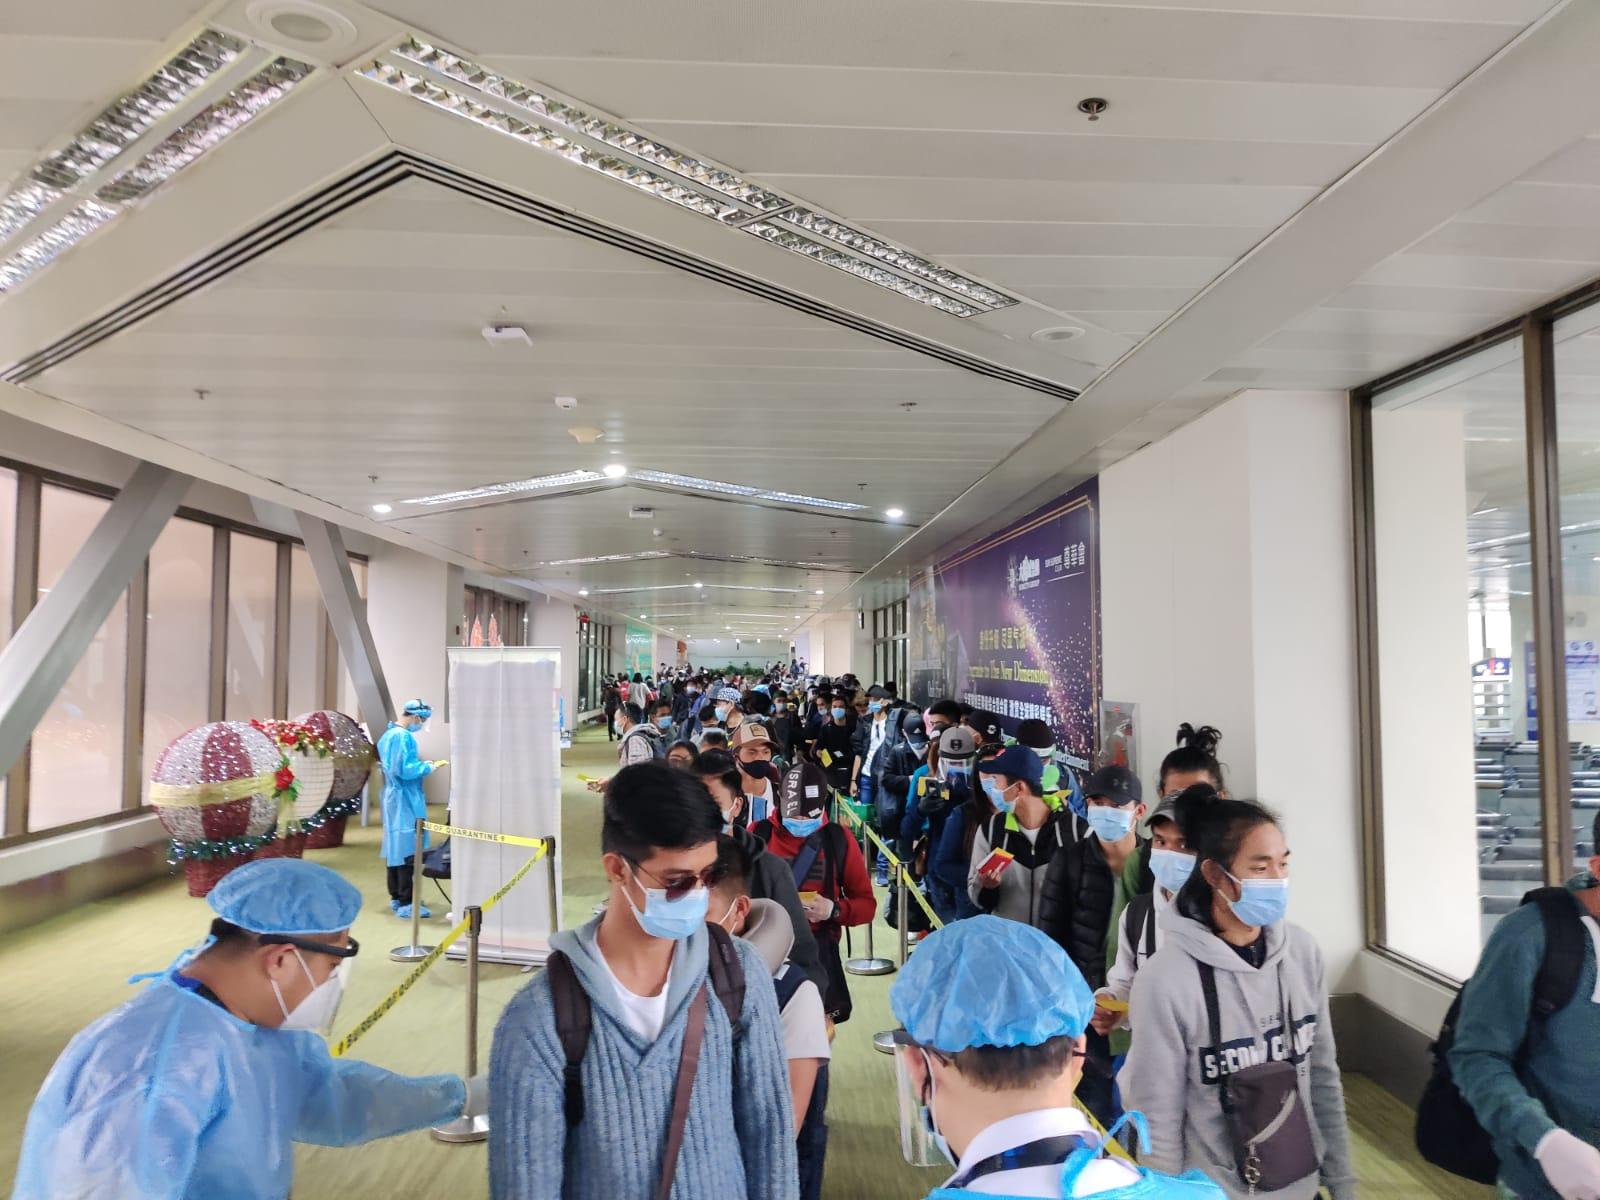 בידוק ונהלי קורונה מחמירים בשדה התעופה הבינלאומי NAIA. מקור: שגרירות ישראל במנילה